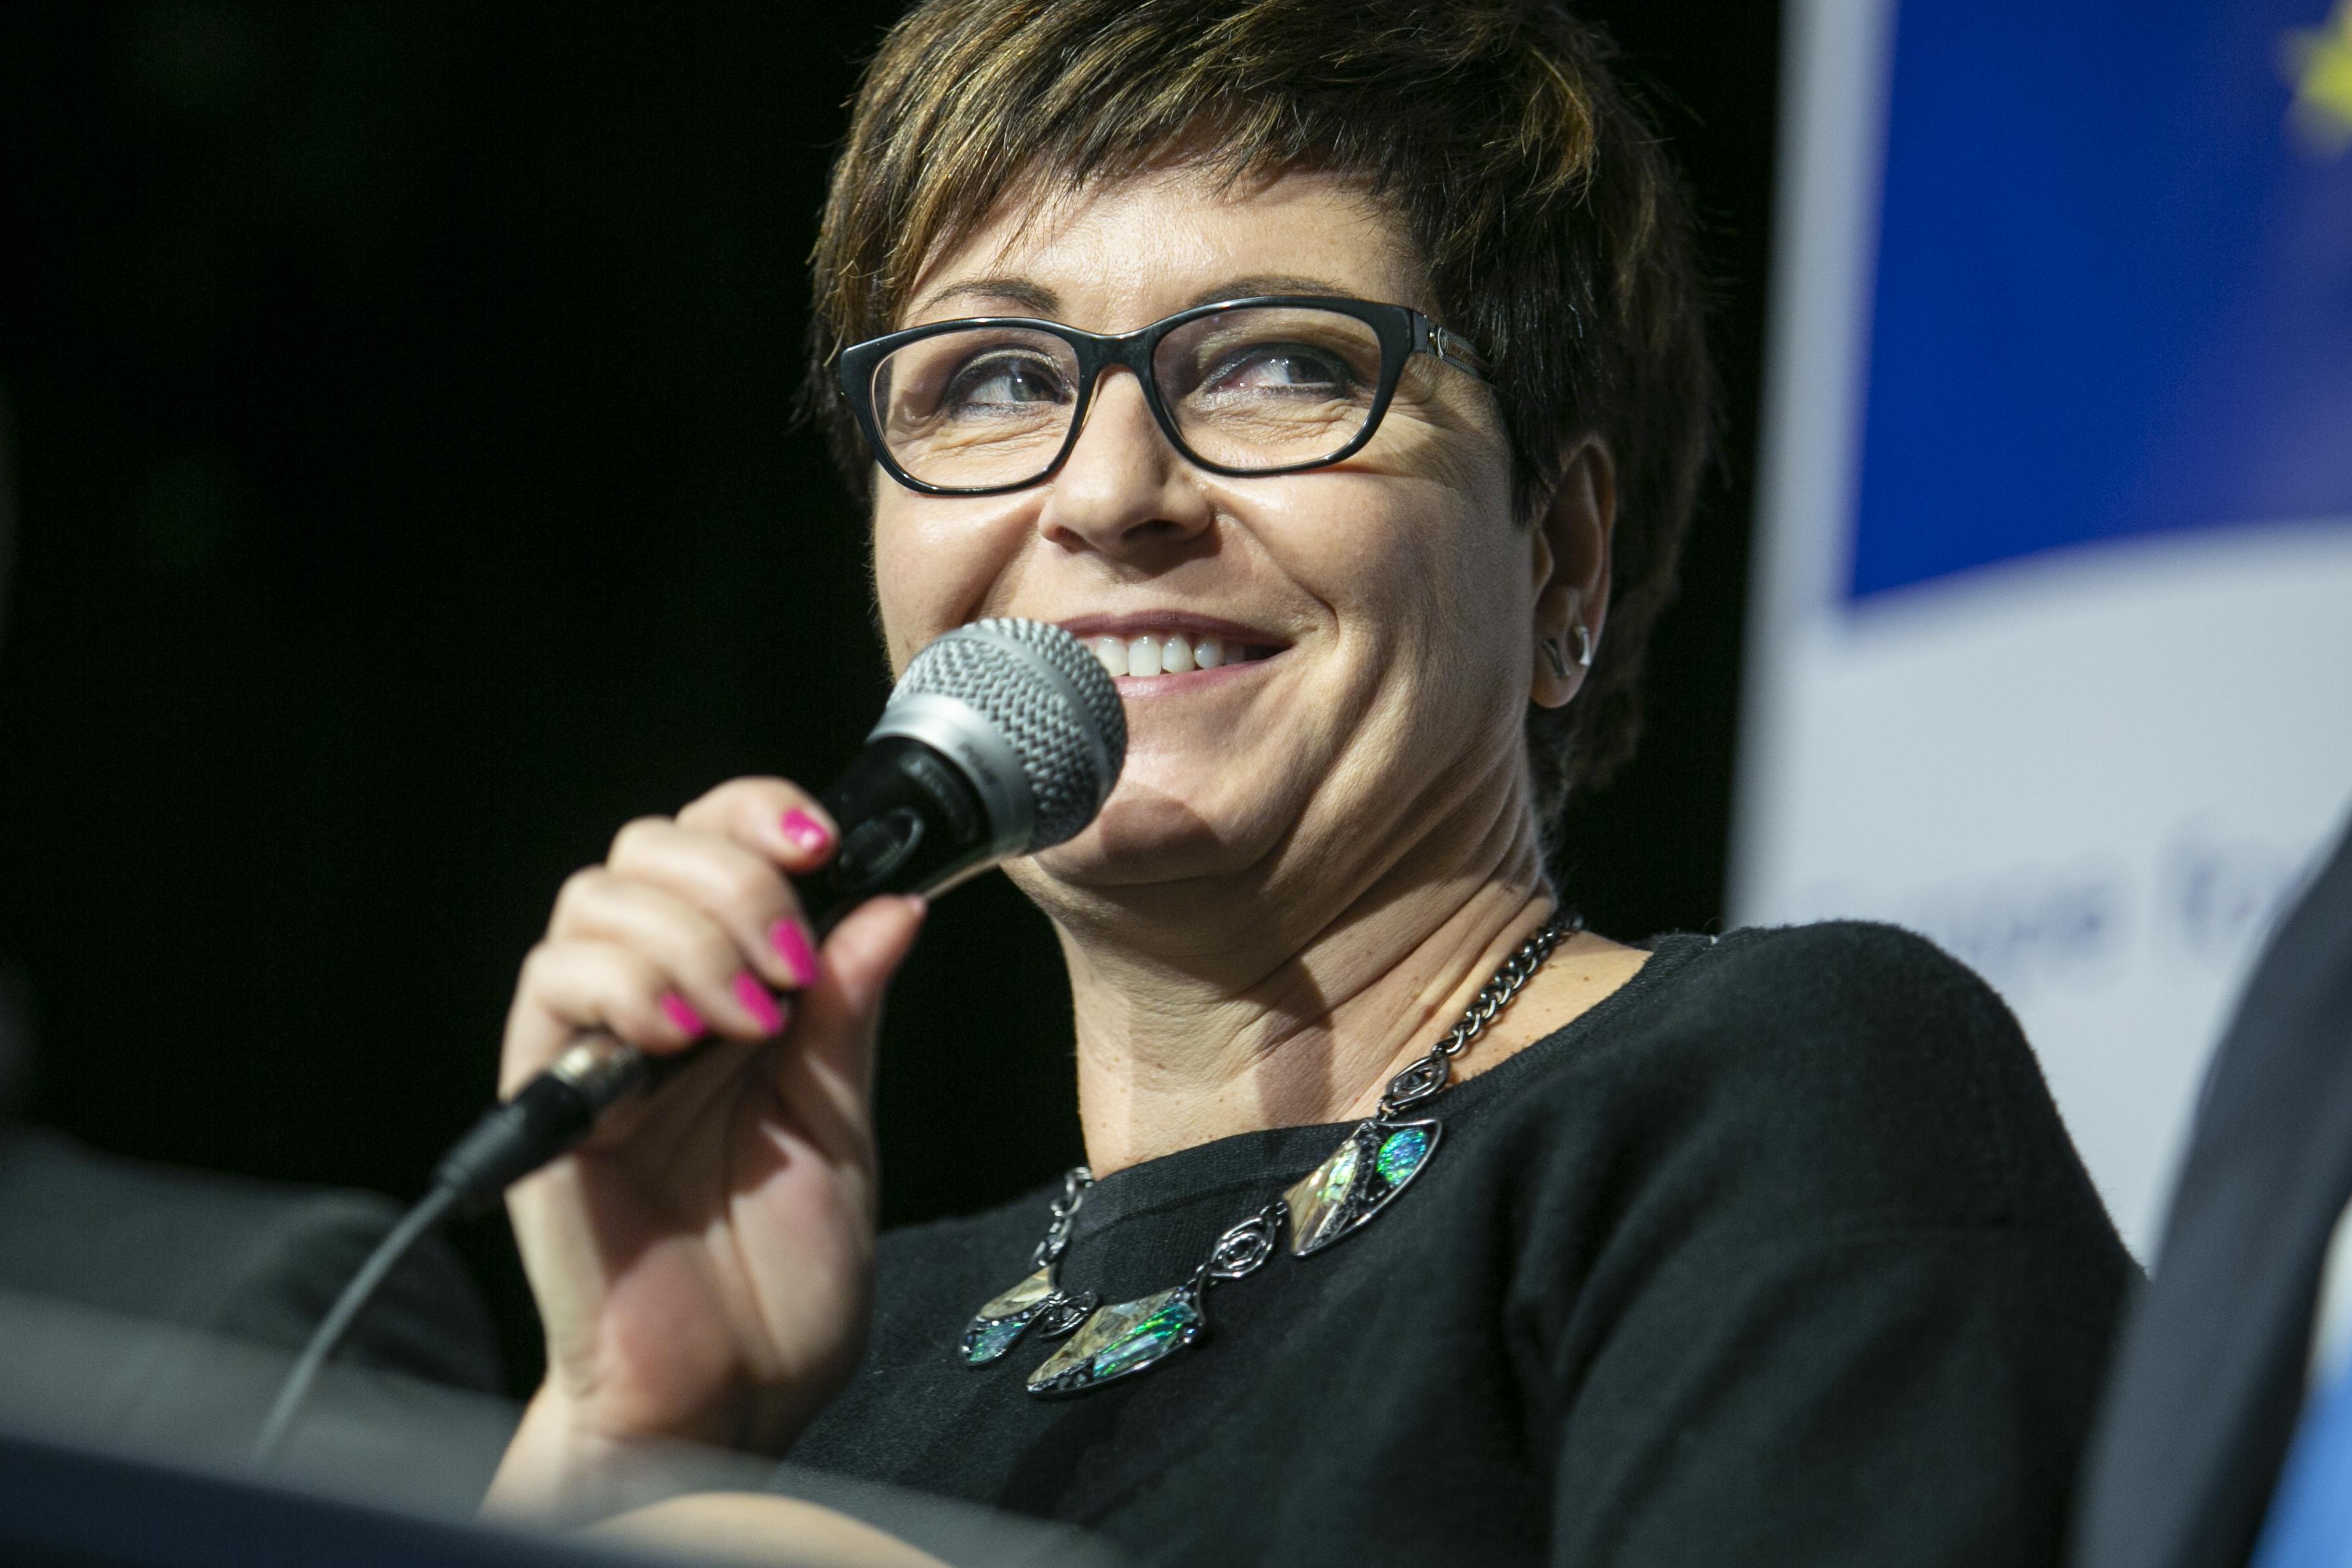 Kálmán Olga a DK főpolgármester-jelöltje